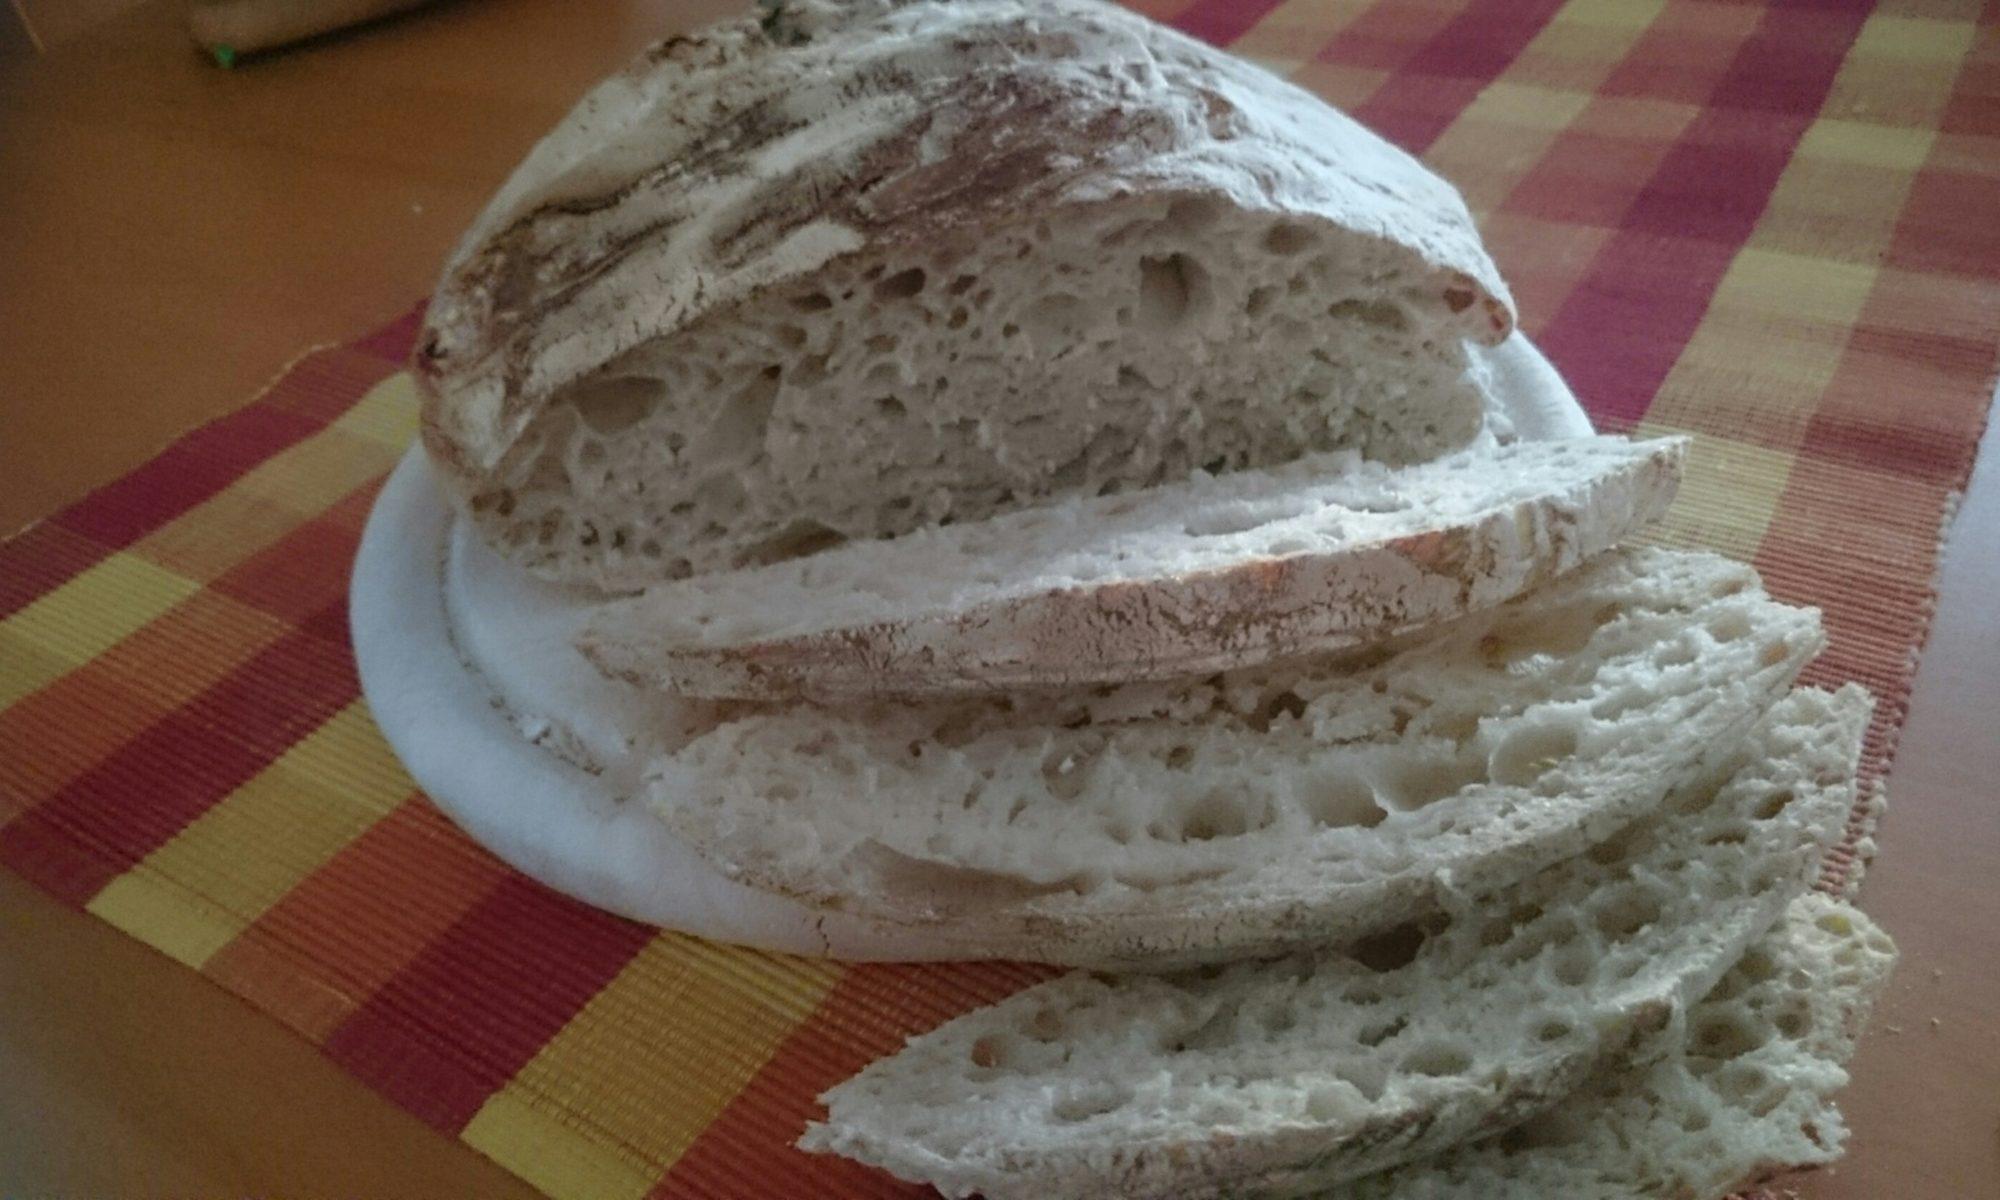 Krustenbrot aus dem Topf: Das fertige Brot angeschnitten